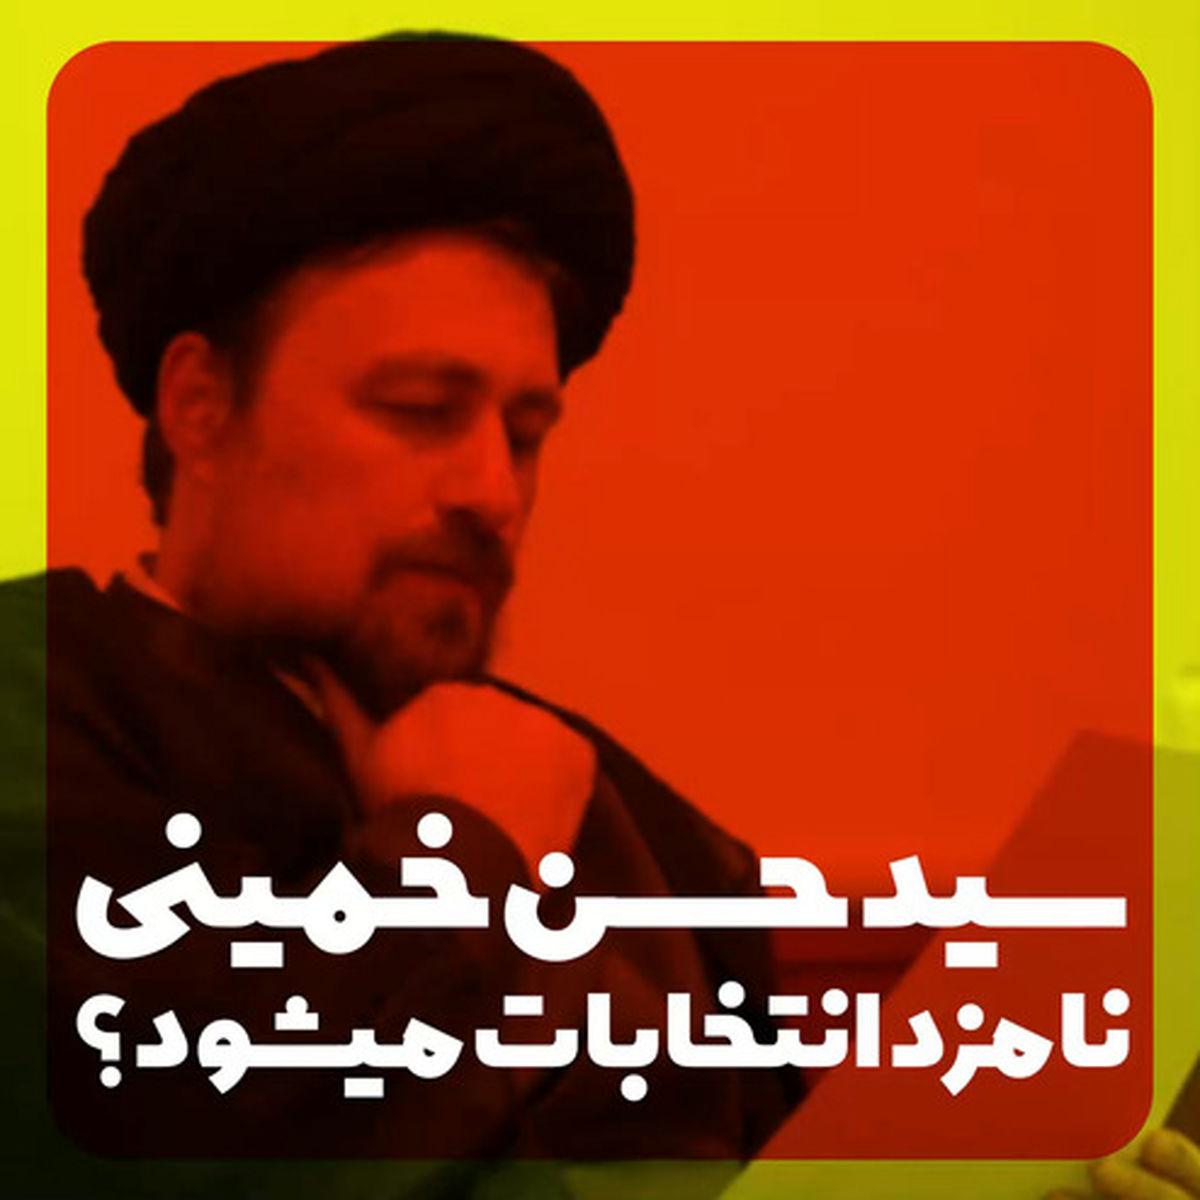 احمد زیدآبادی: سیدحسن خمینی احتمالا رد صلاحیت می شود